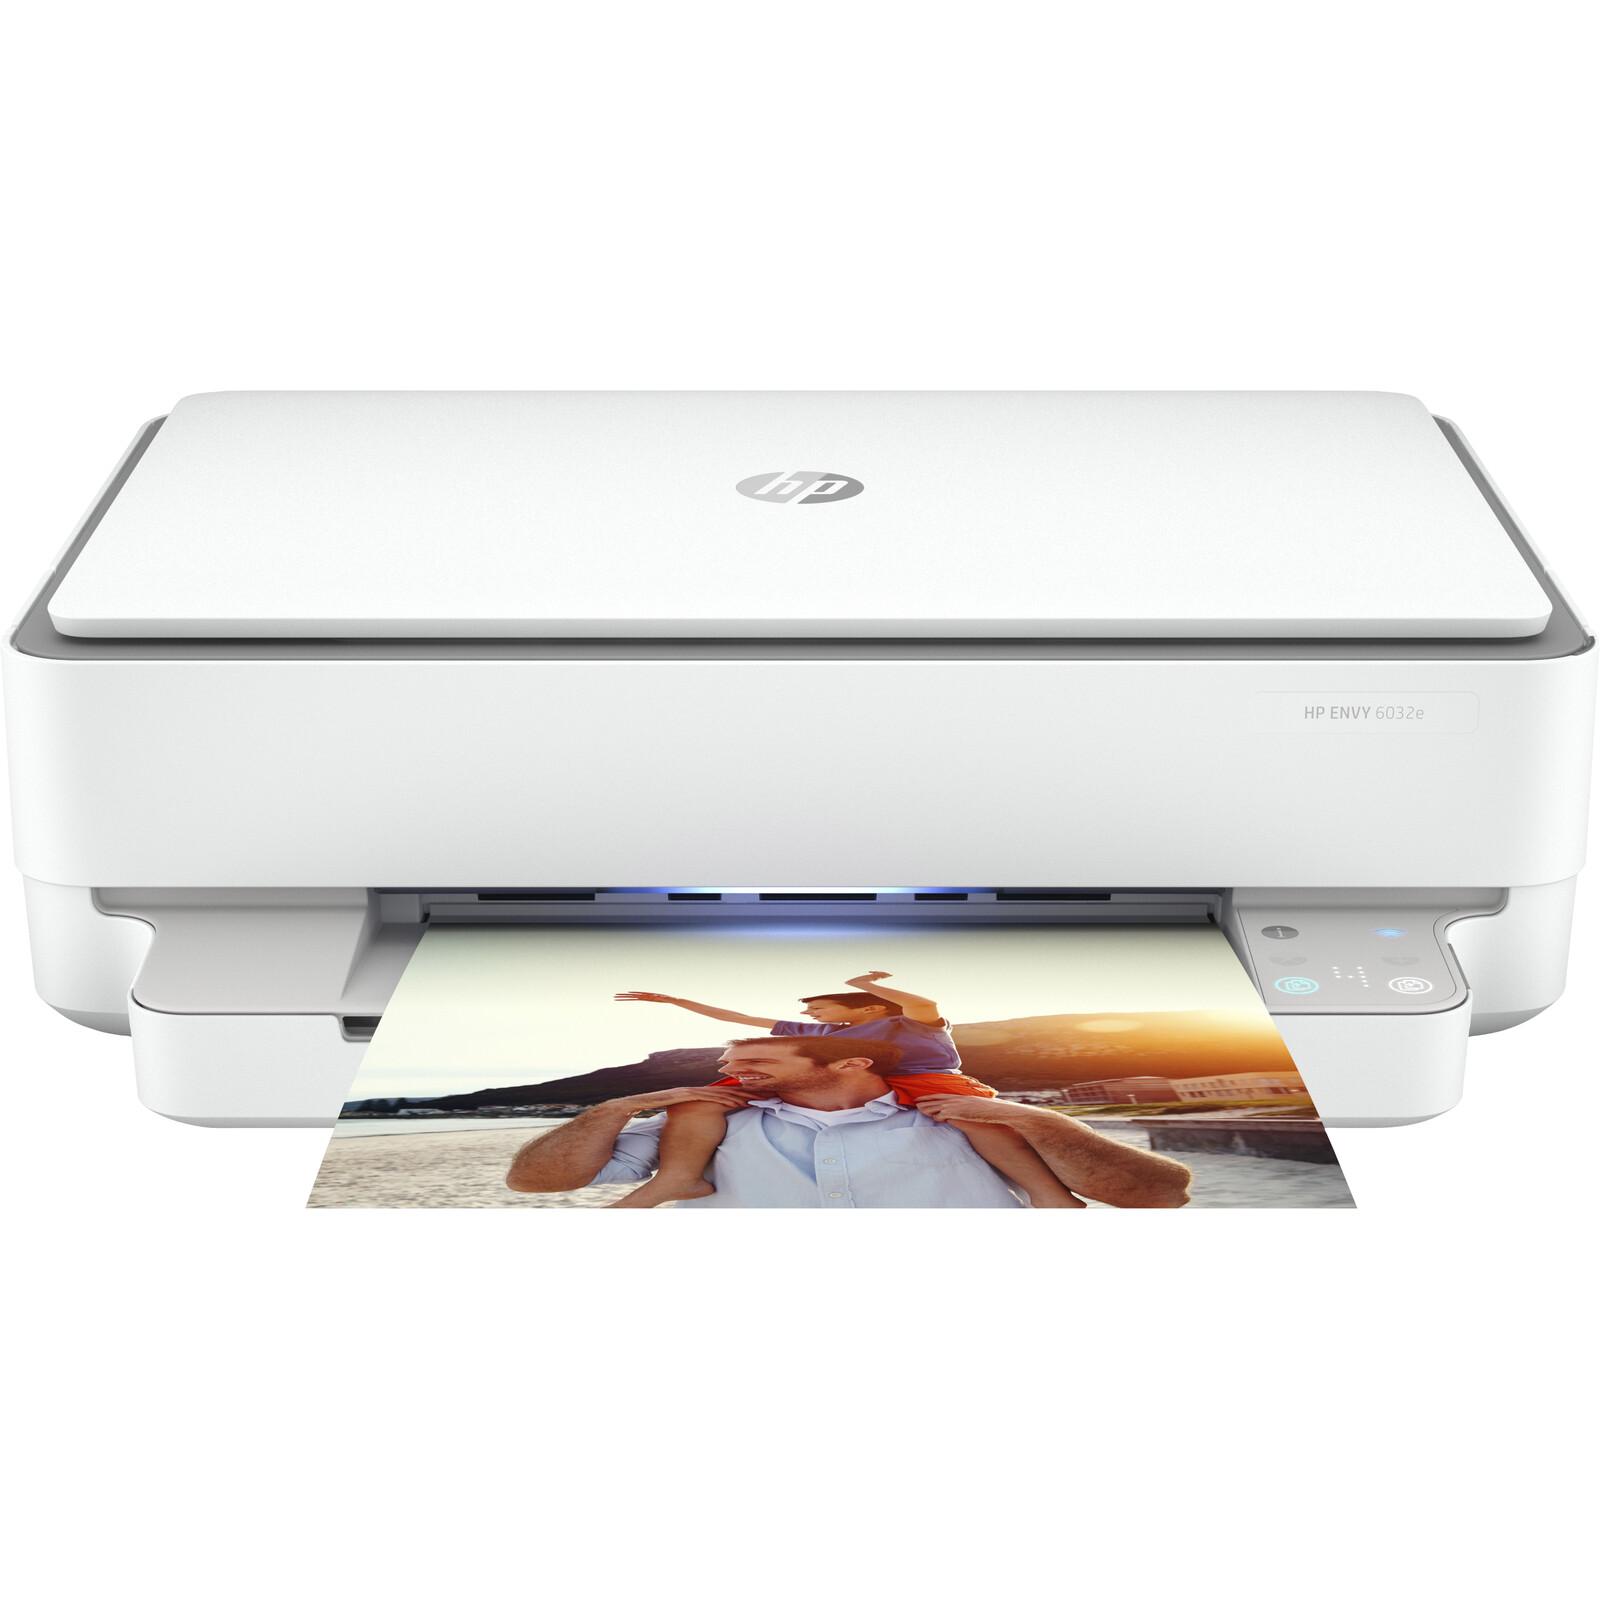 HP Envy 6032e All In One Drucker